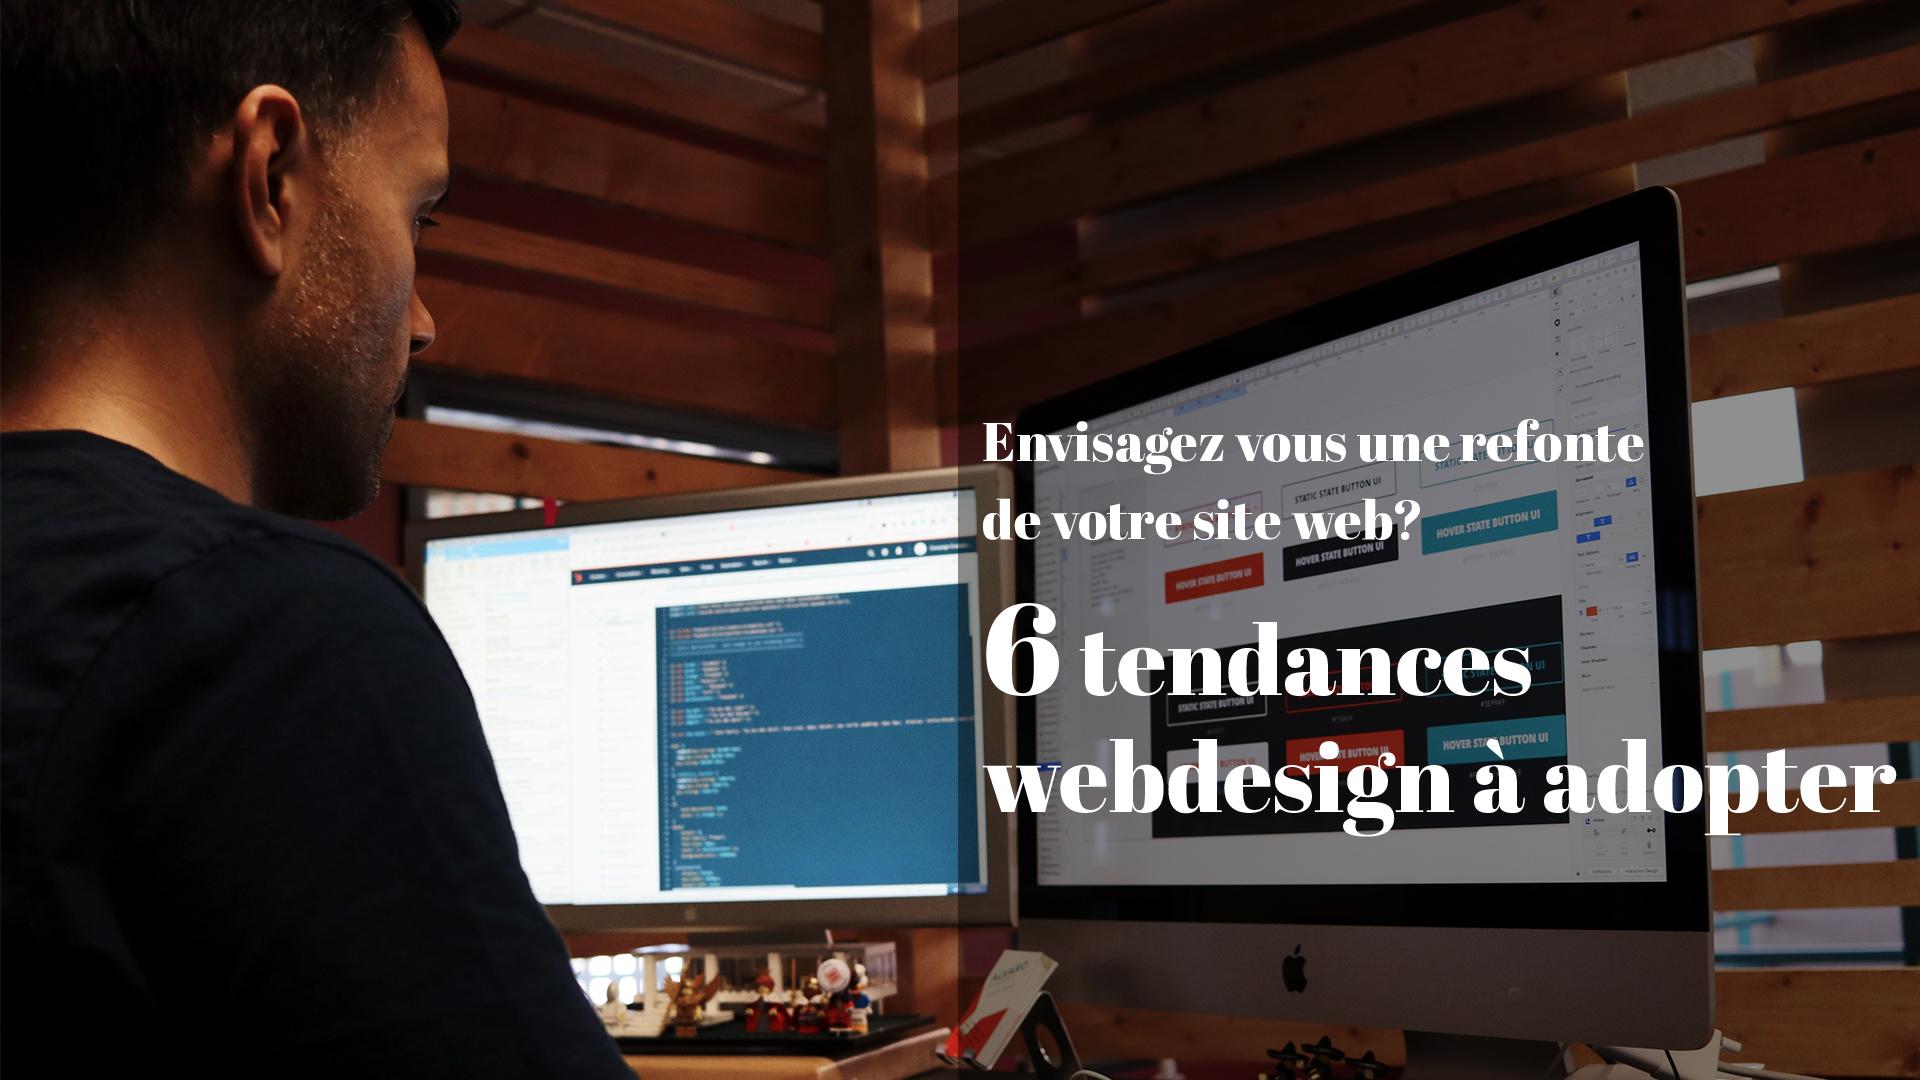 Envisagez-vous une refonte de votre site Web : 6 tendances Webdesign à adopter !